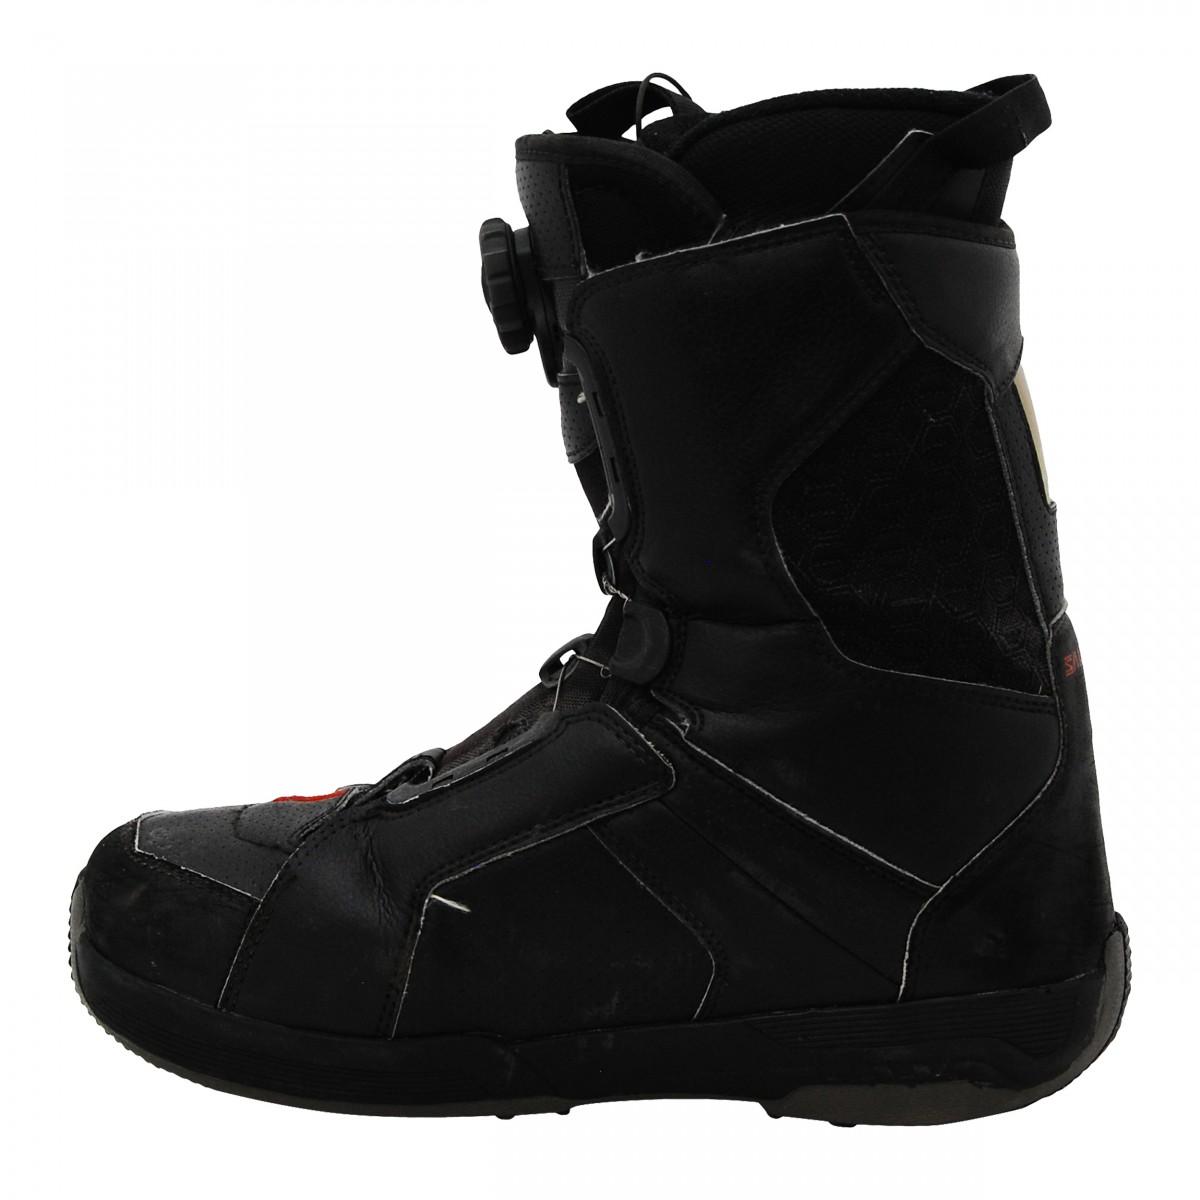 Boots junior Salomon Talapus noirgrisorange Prix pas